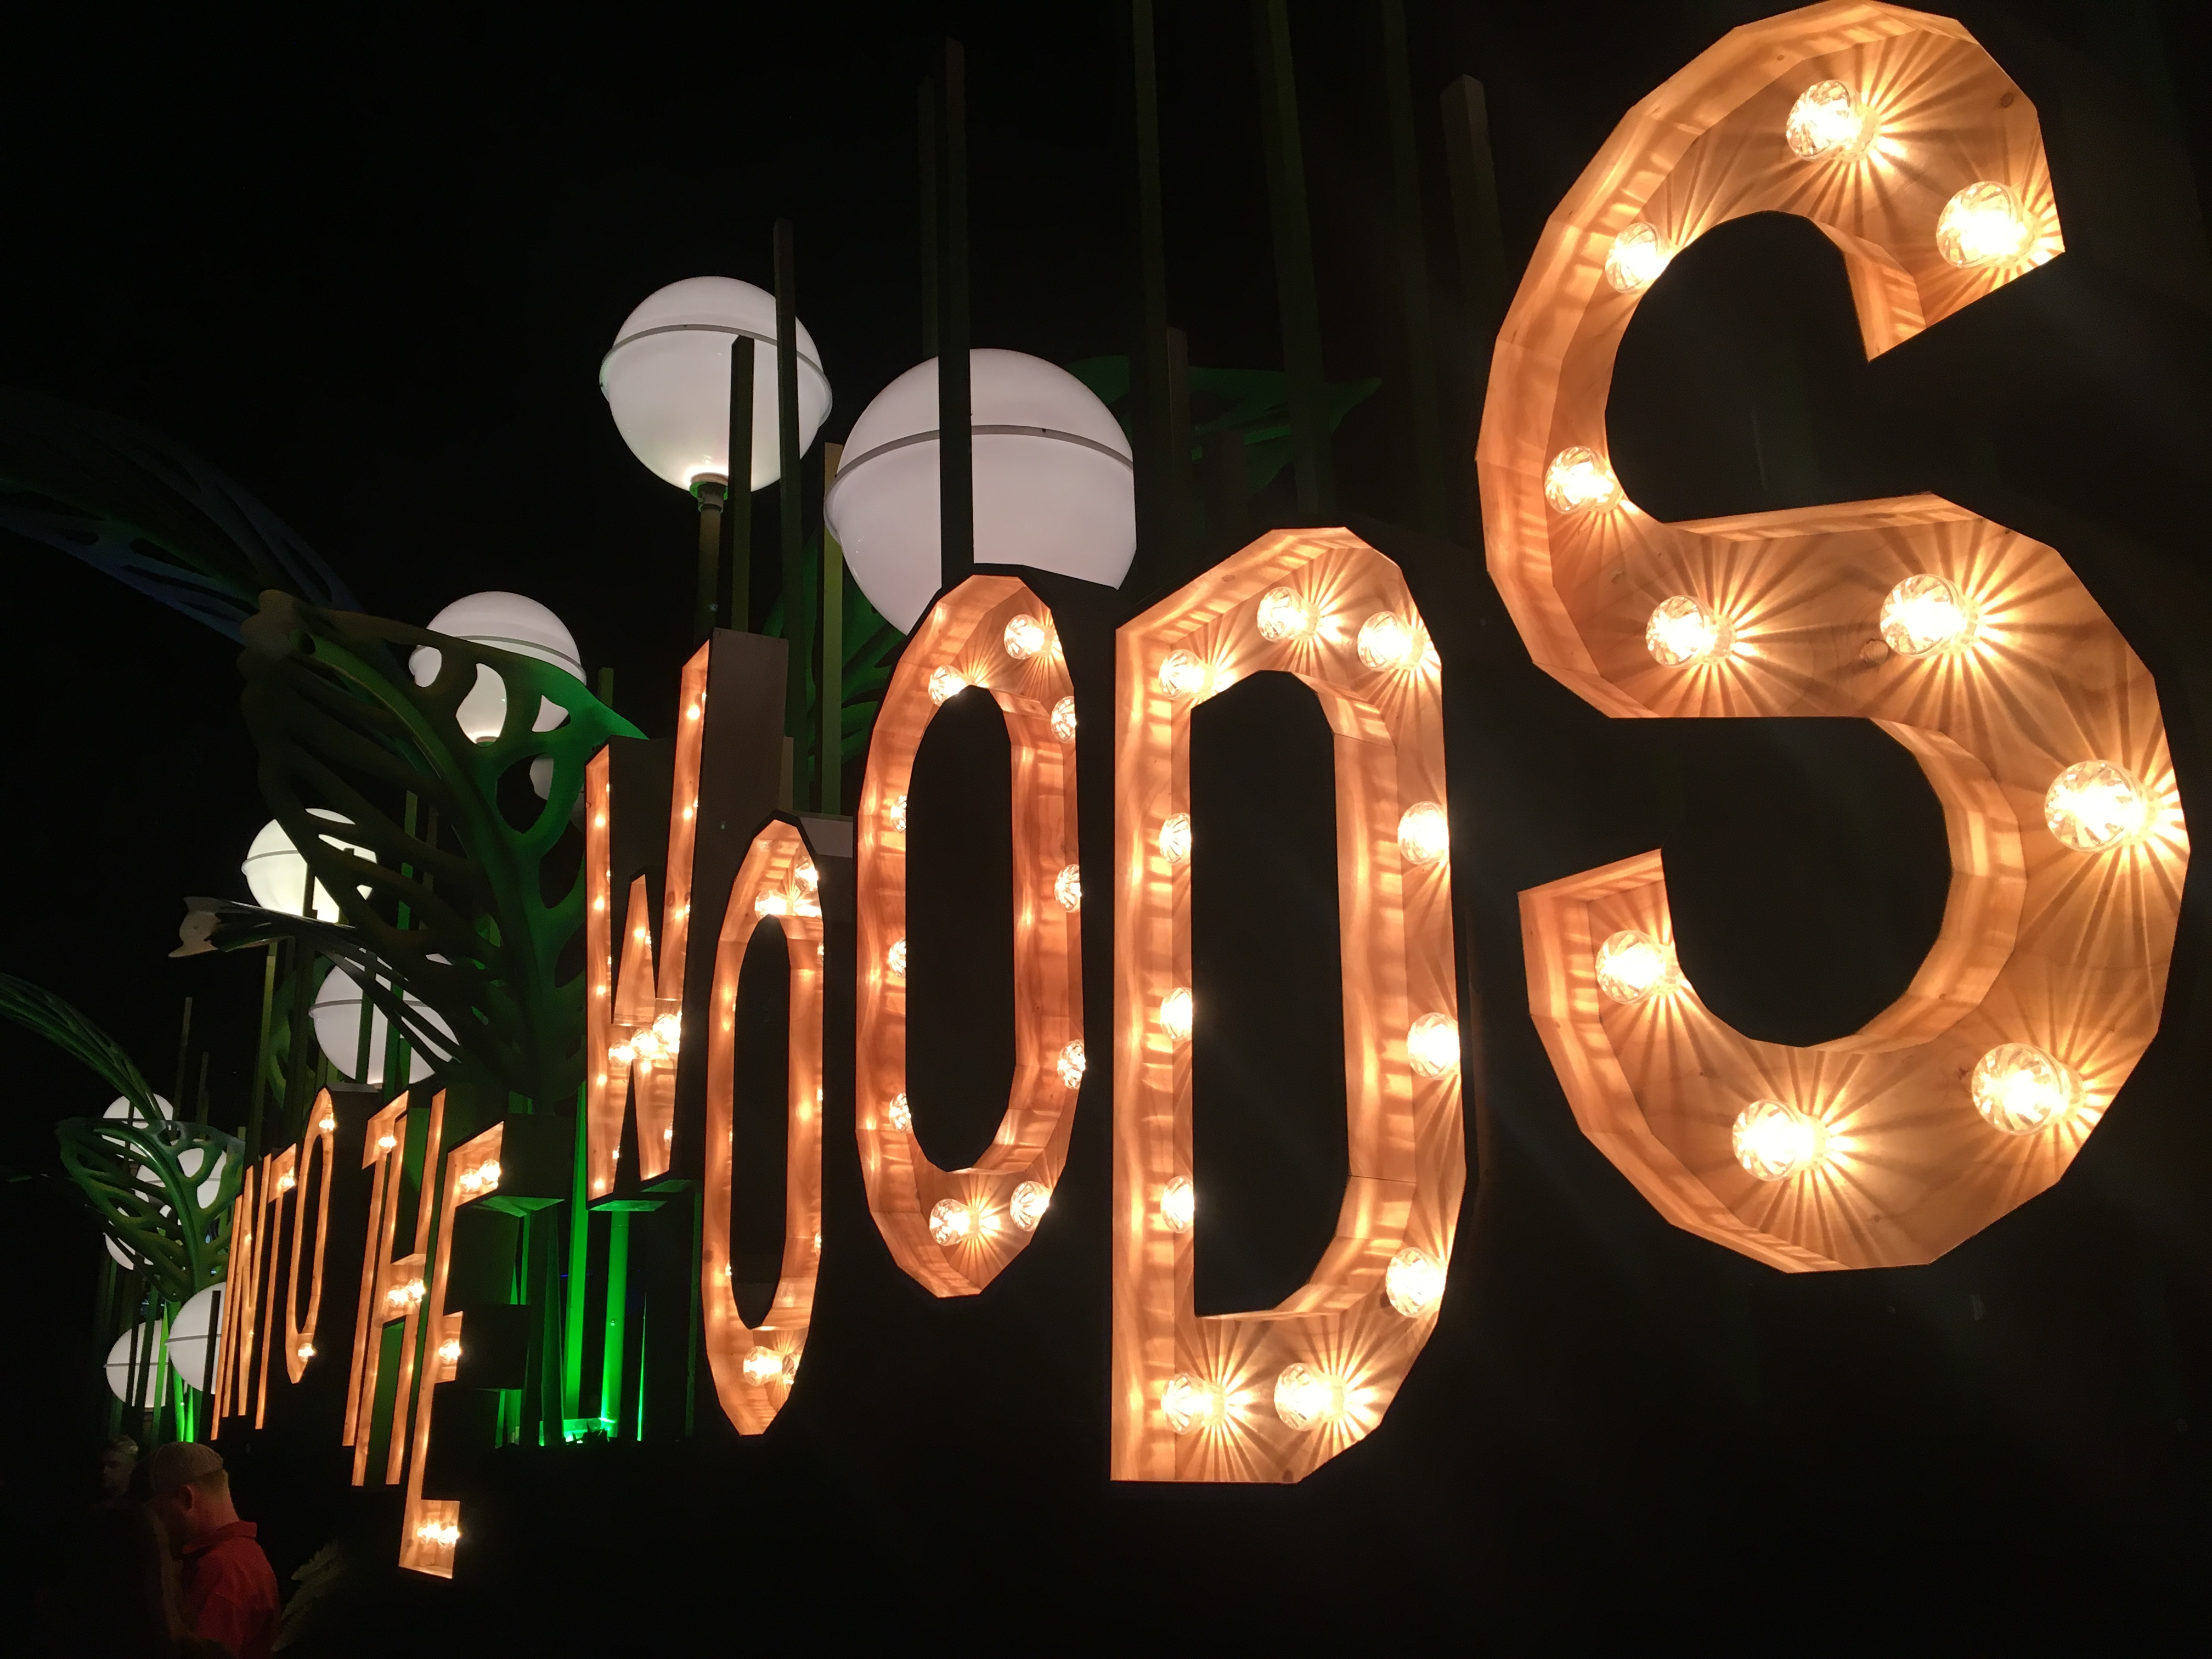 Neonlichten op een festival.